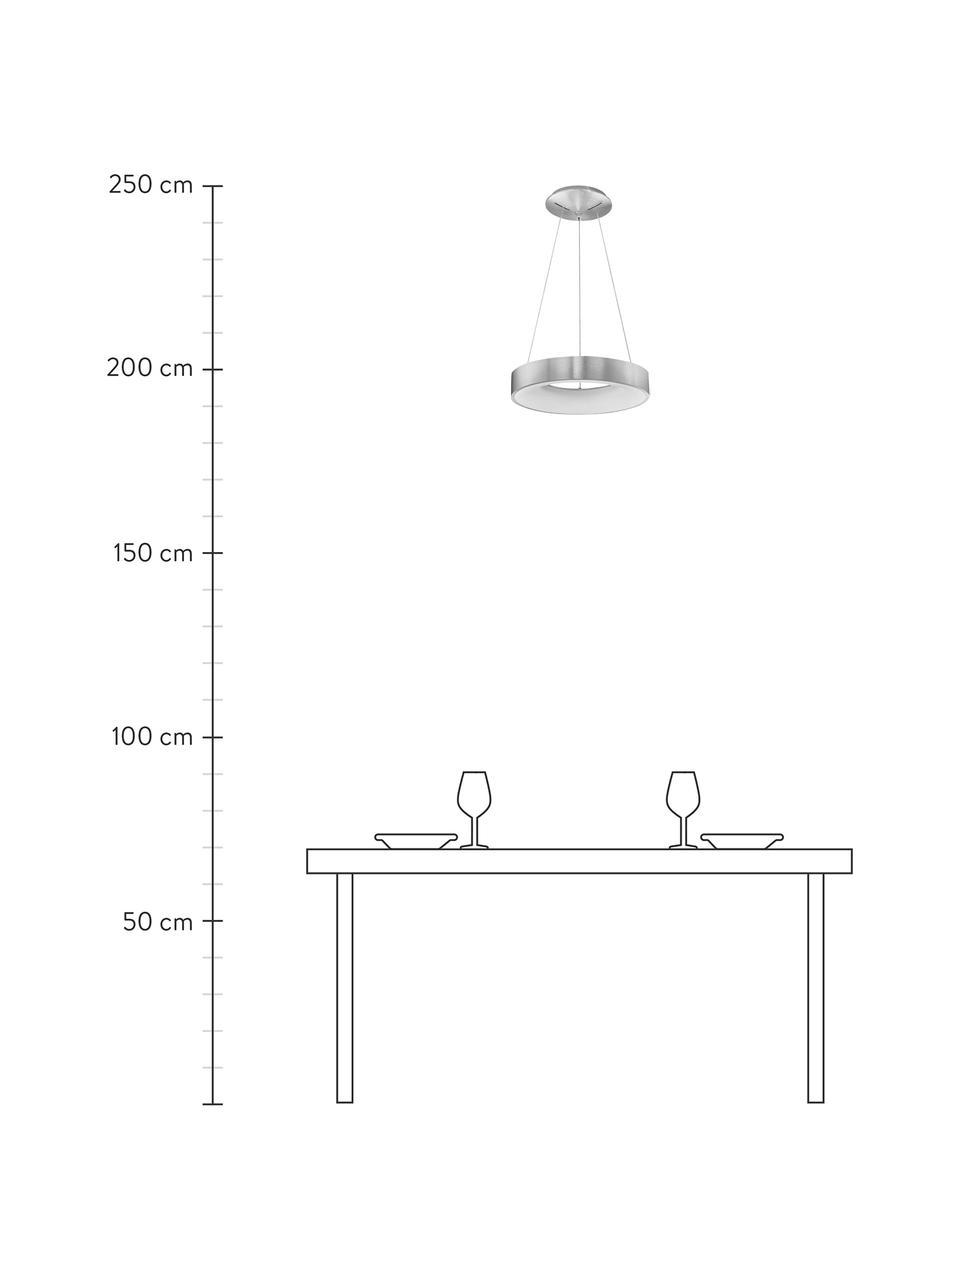 Dimmbare LED-Pendelleuchte Rando in Silber, Lampenschirm: Aluminium, beschichtet, Baldachin: Aluminium, beschichtet, Silberfarben, Ø 60 x H 6 cm